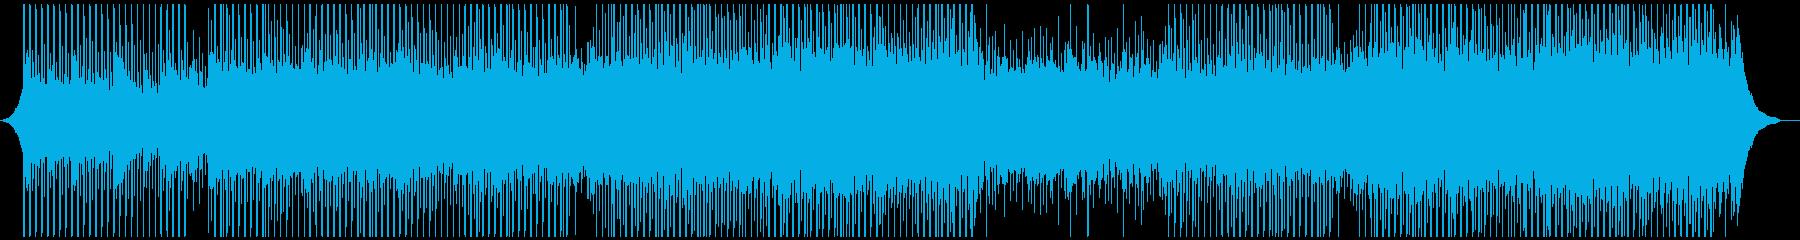 成功した打ち上げの再生済みの波形